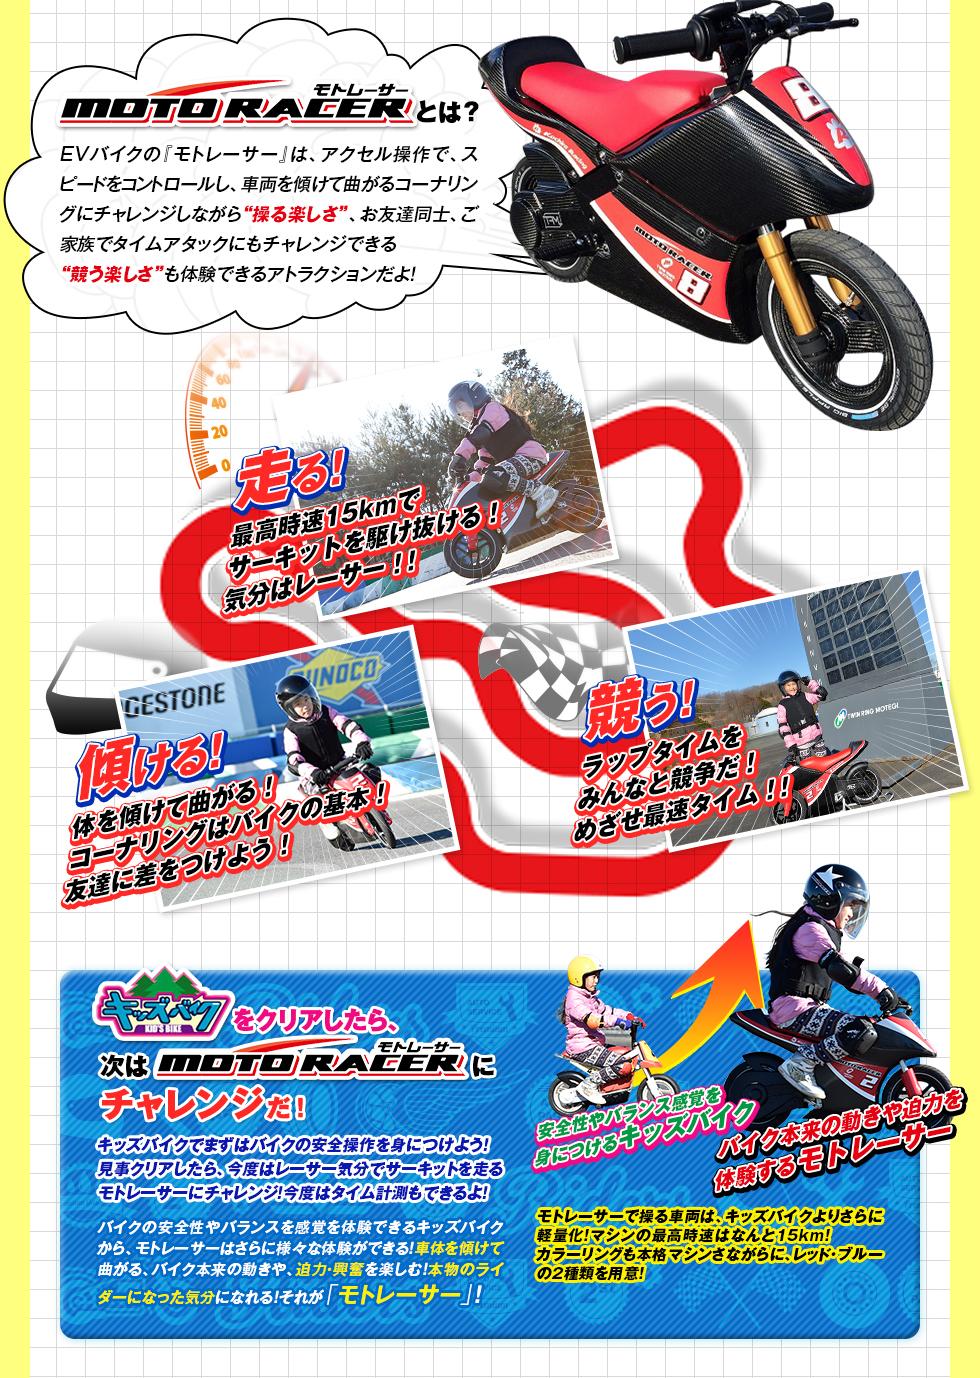 画像: モトレーサー詳細 www.twinring.jp